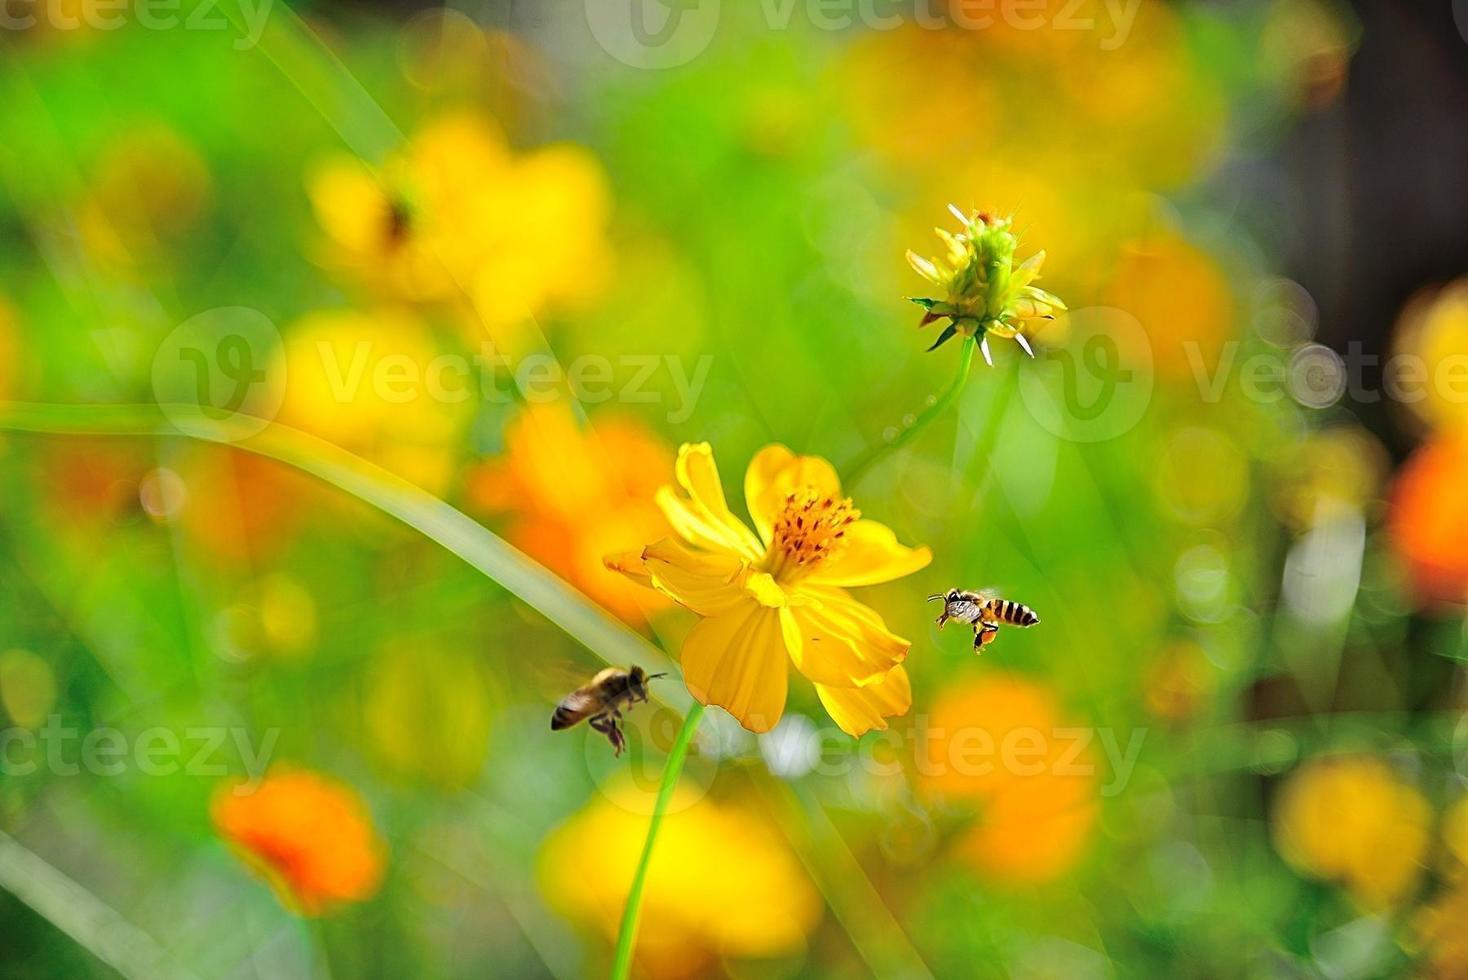 les abeilles sont le nectar des fleurs au cosmos jaune. photo